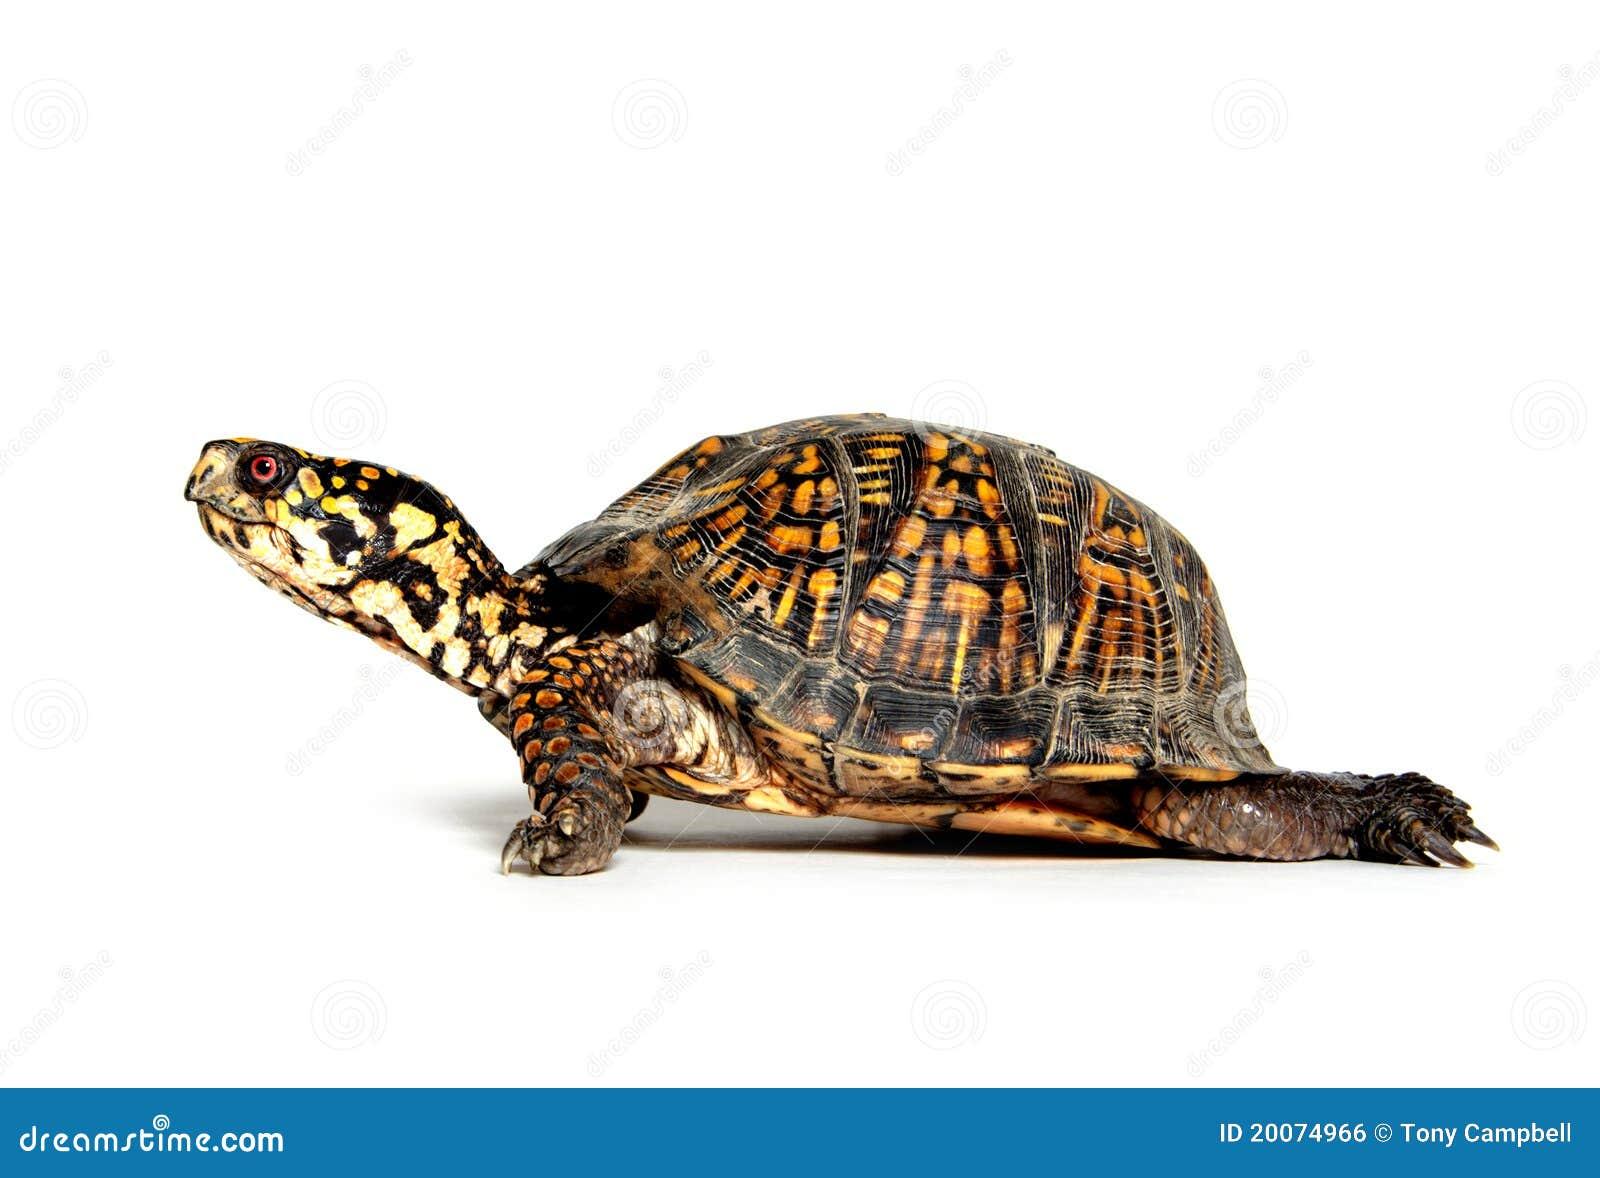 box turtle on white royalty free stock image image 20074966